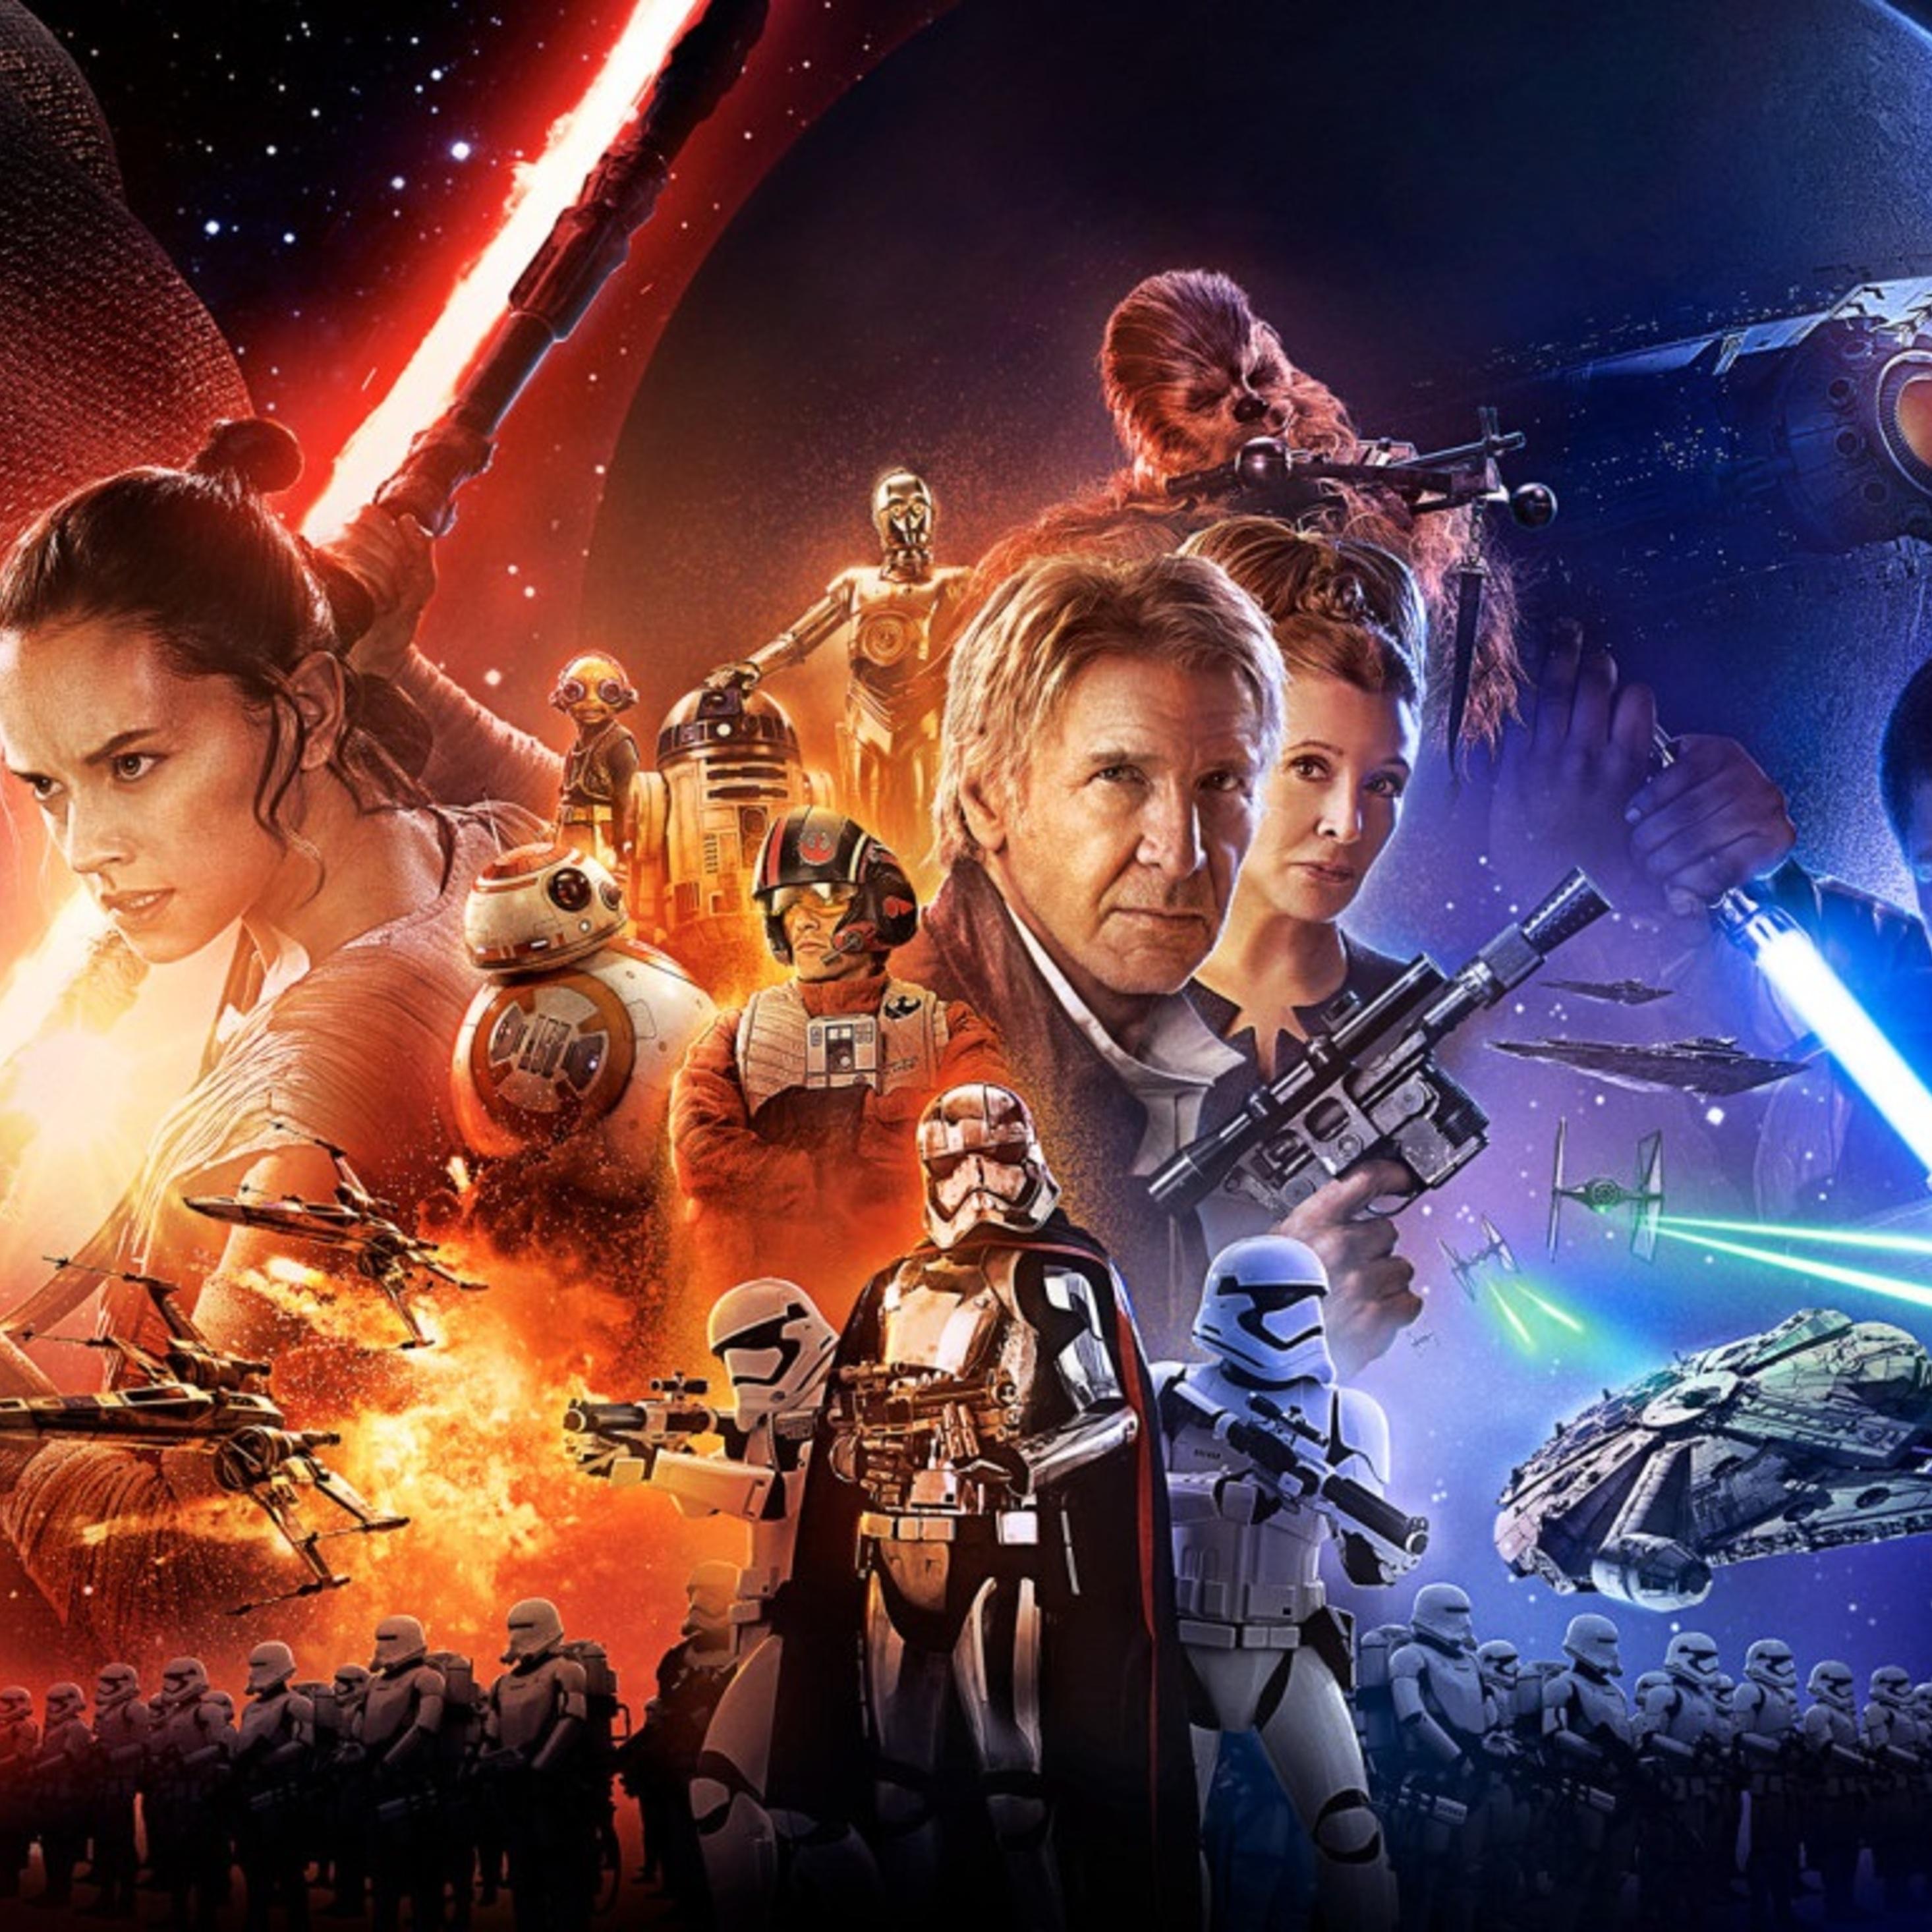 2932x2932 star wars the force awakens poster ipad pro retina display